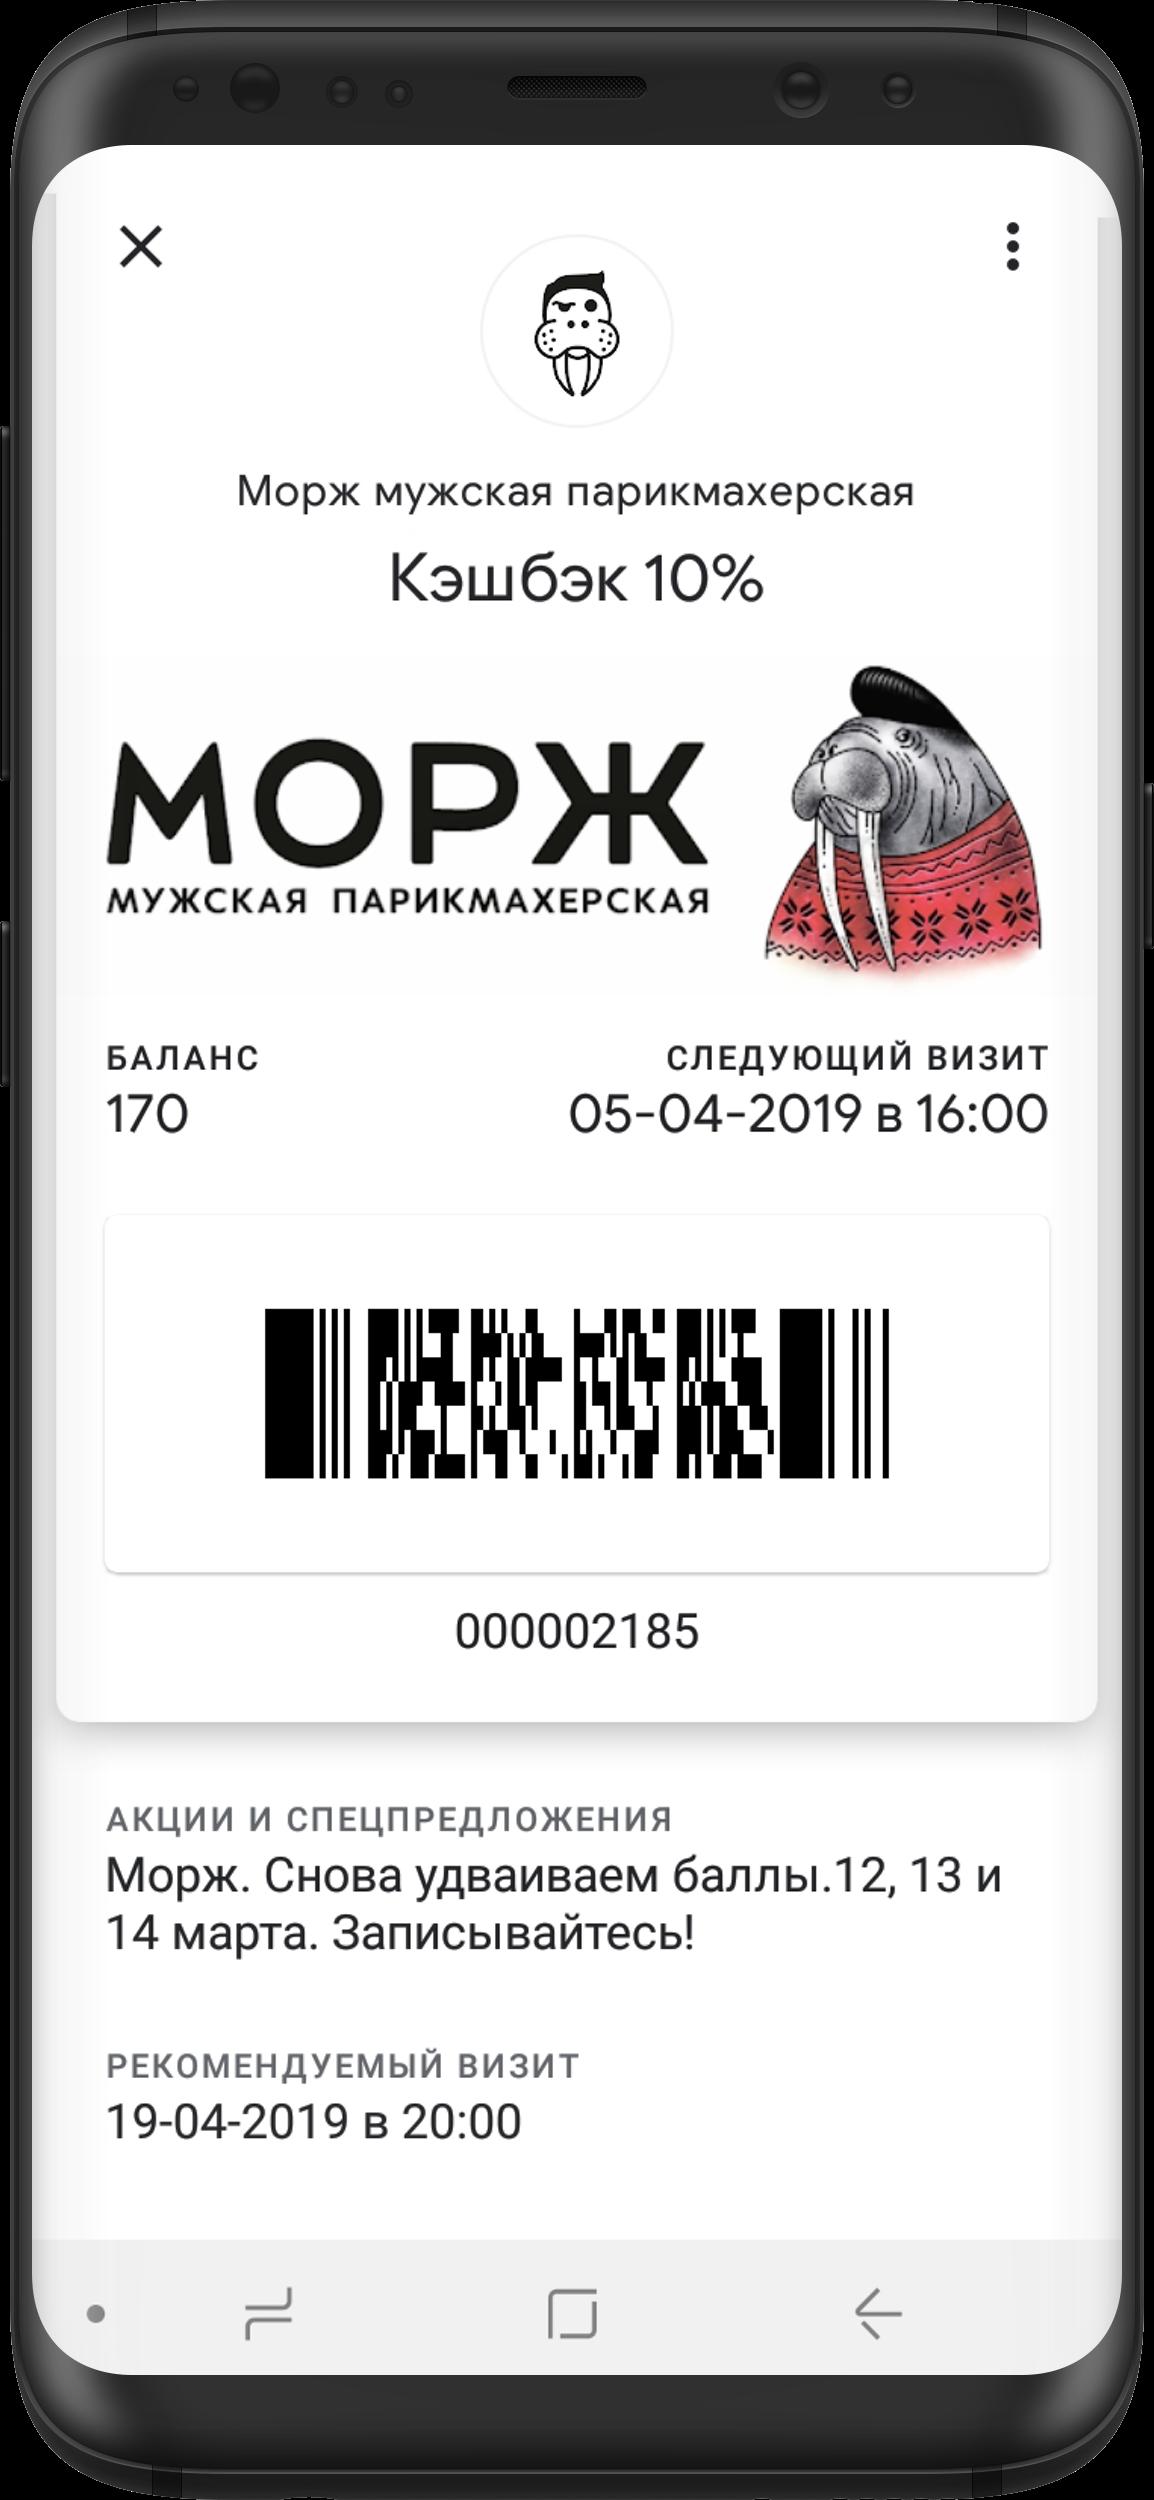 Онлайн-анкетирование и получение электронной карты Wallet